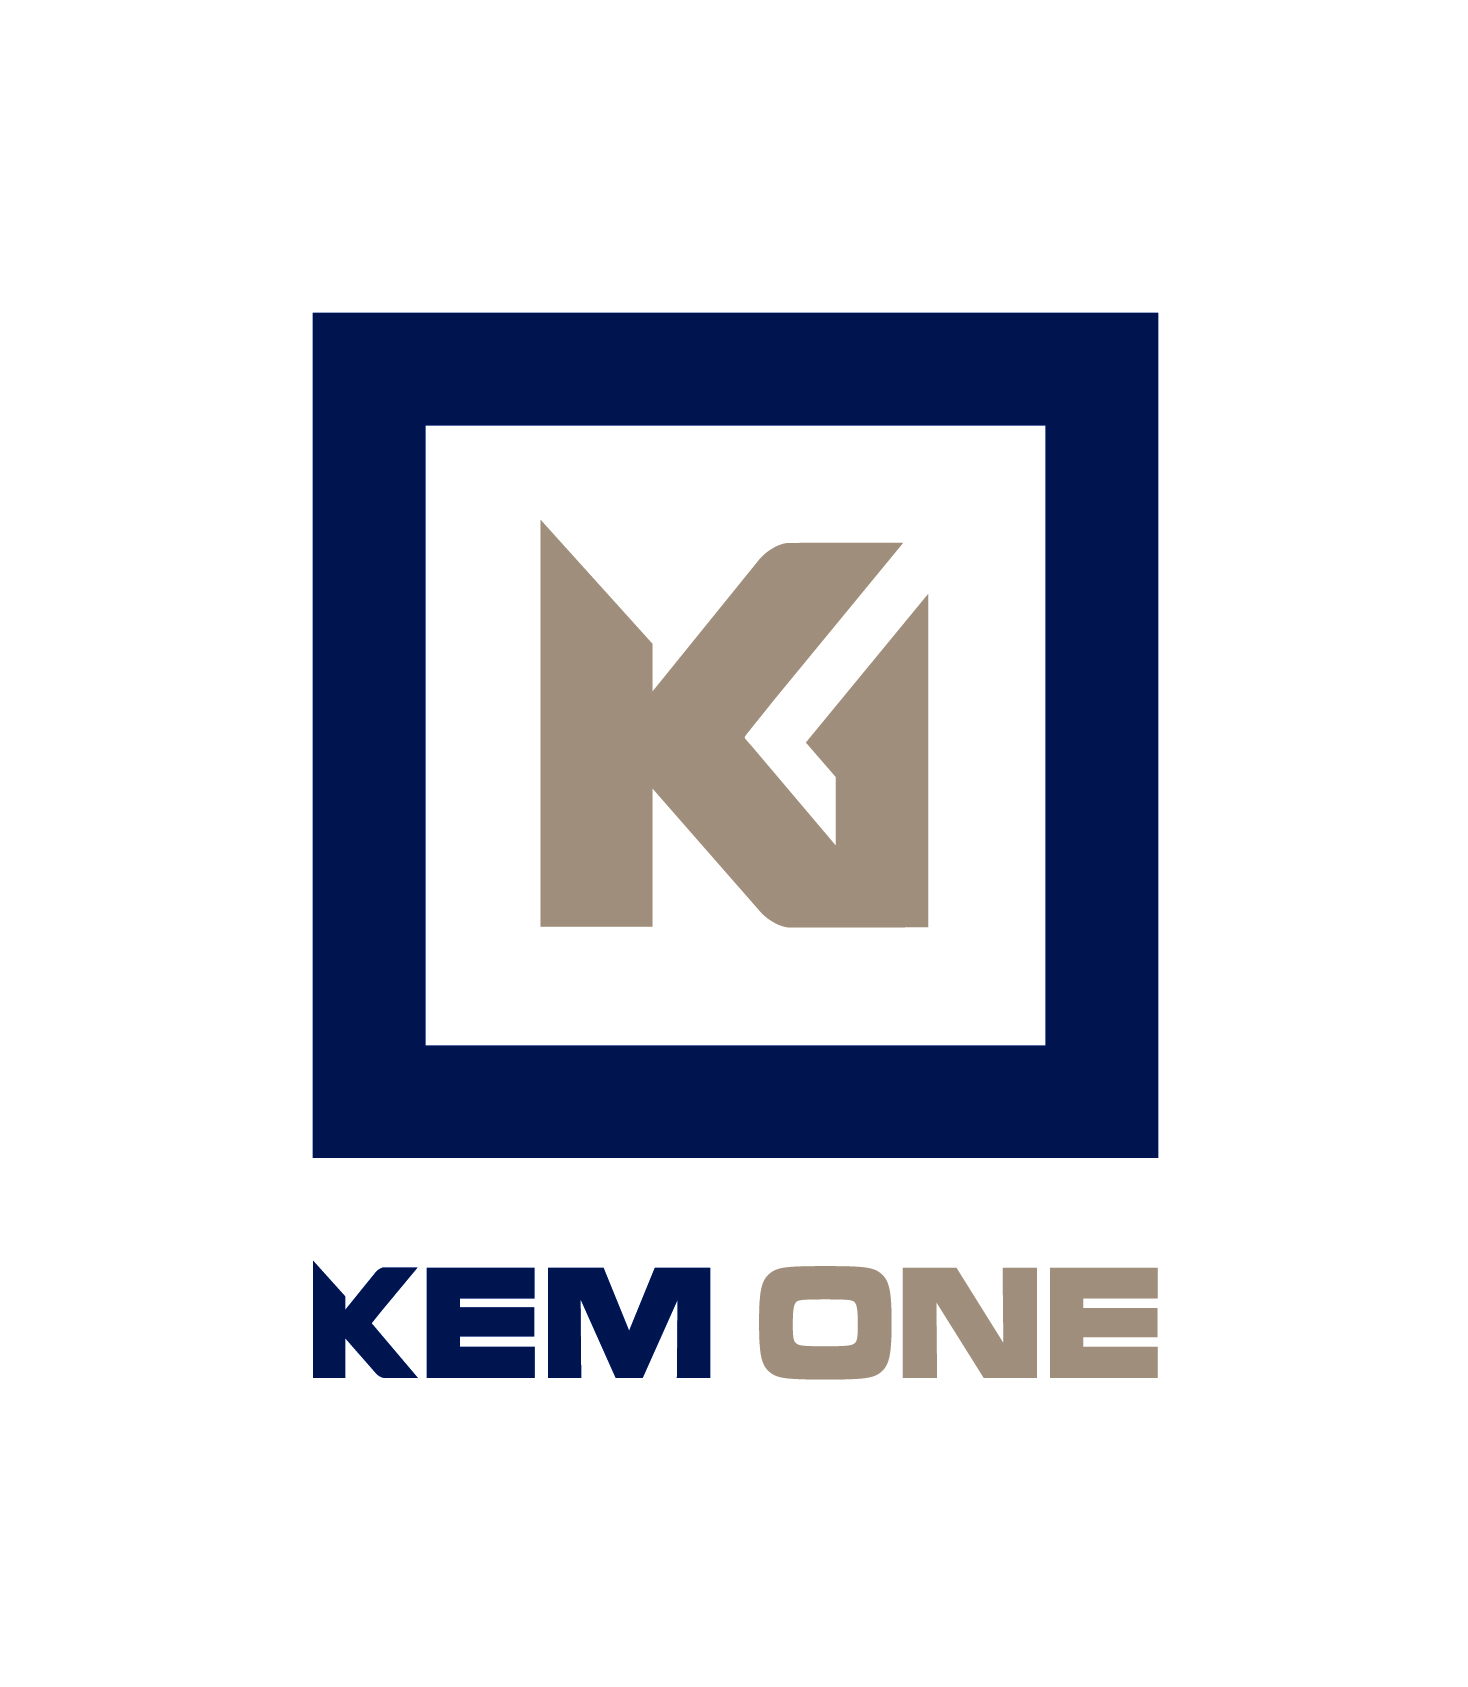 """Résultat de recherche d'images pour """"KEMONE logo"""""""